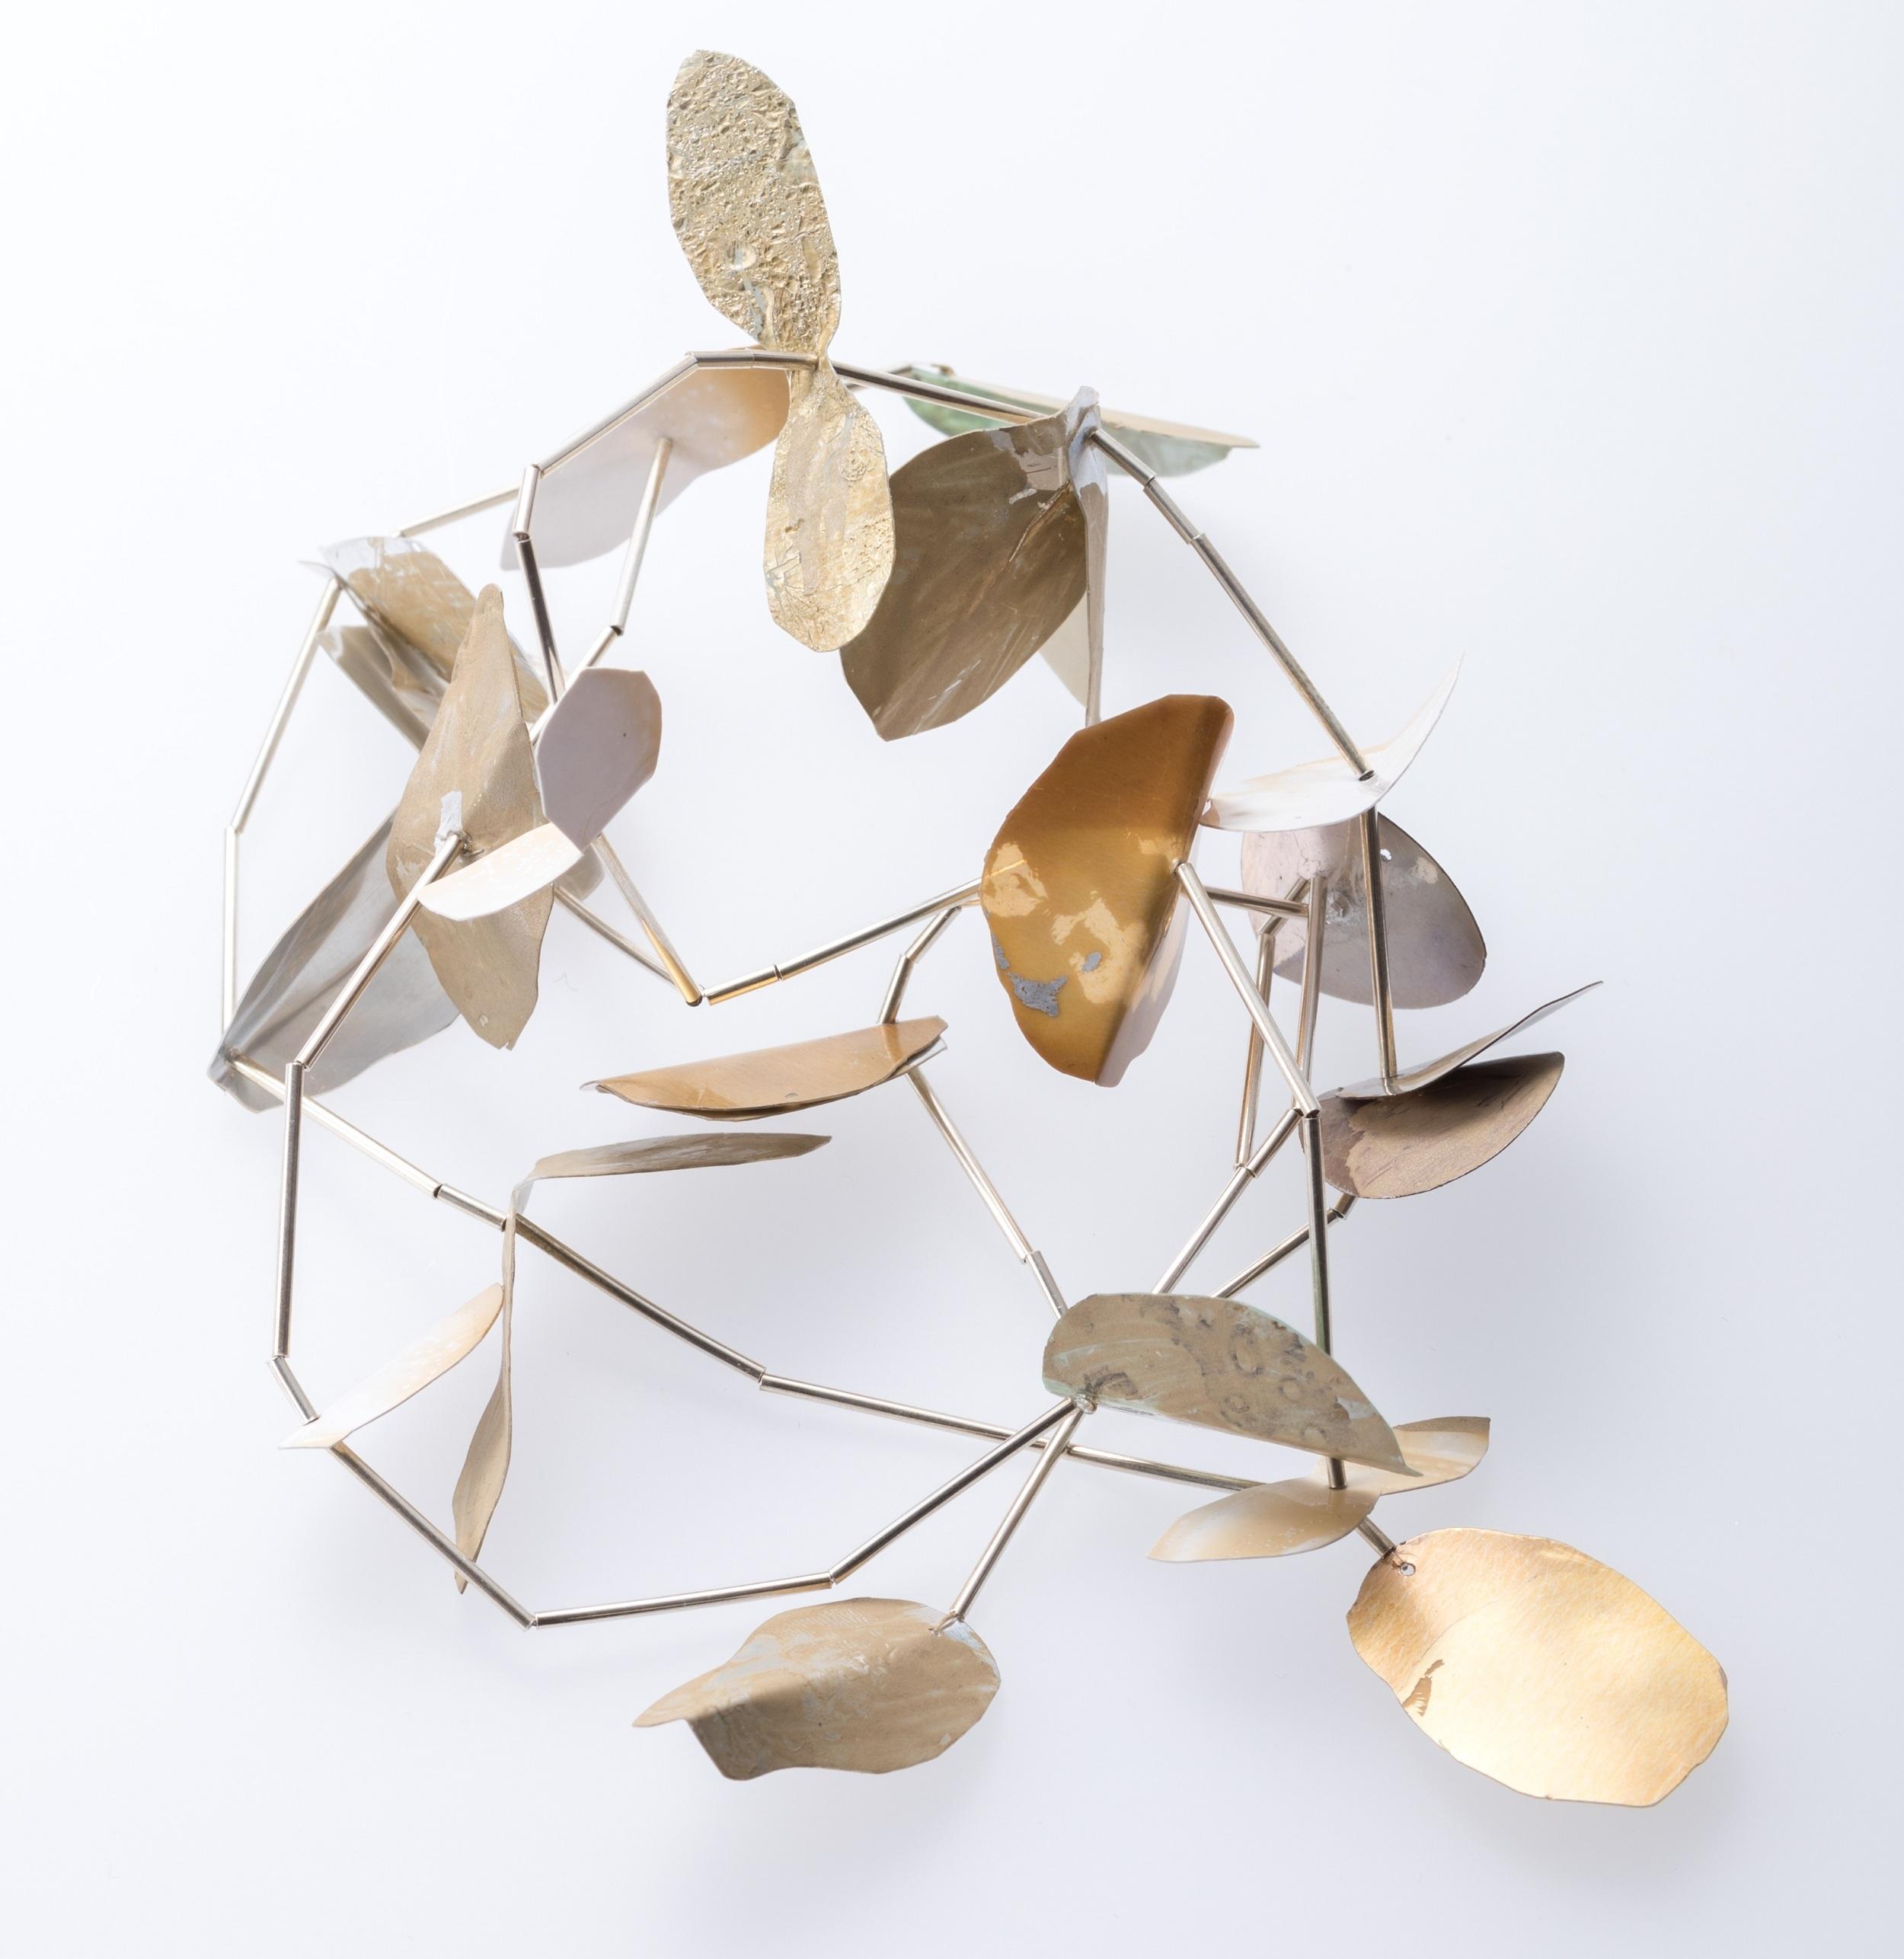 「錆と銀の葉ネックレス」 ウタ・オーノ 37,800円